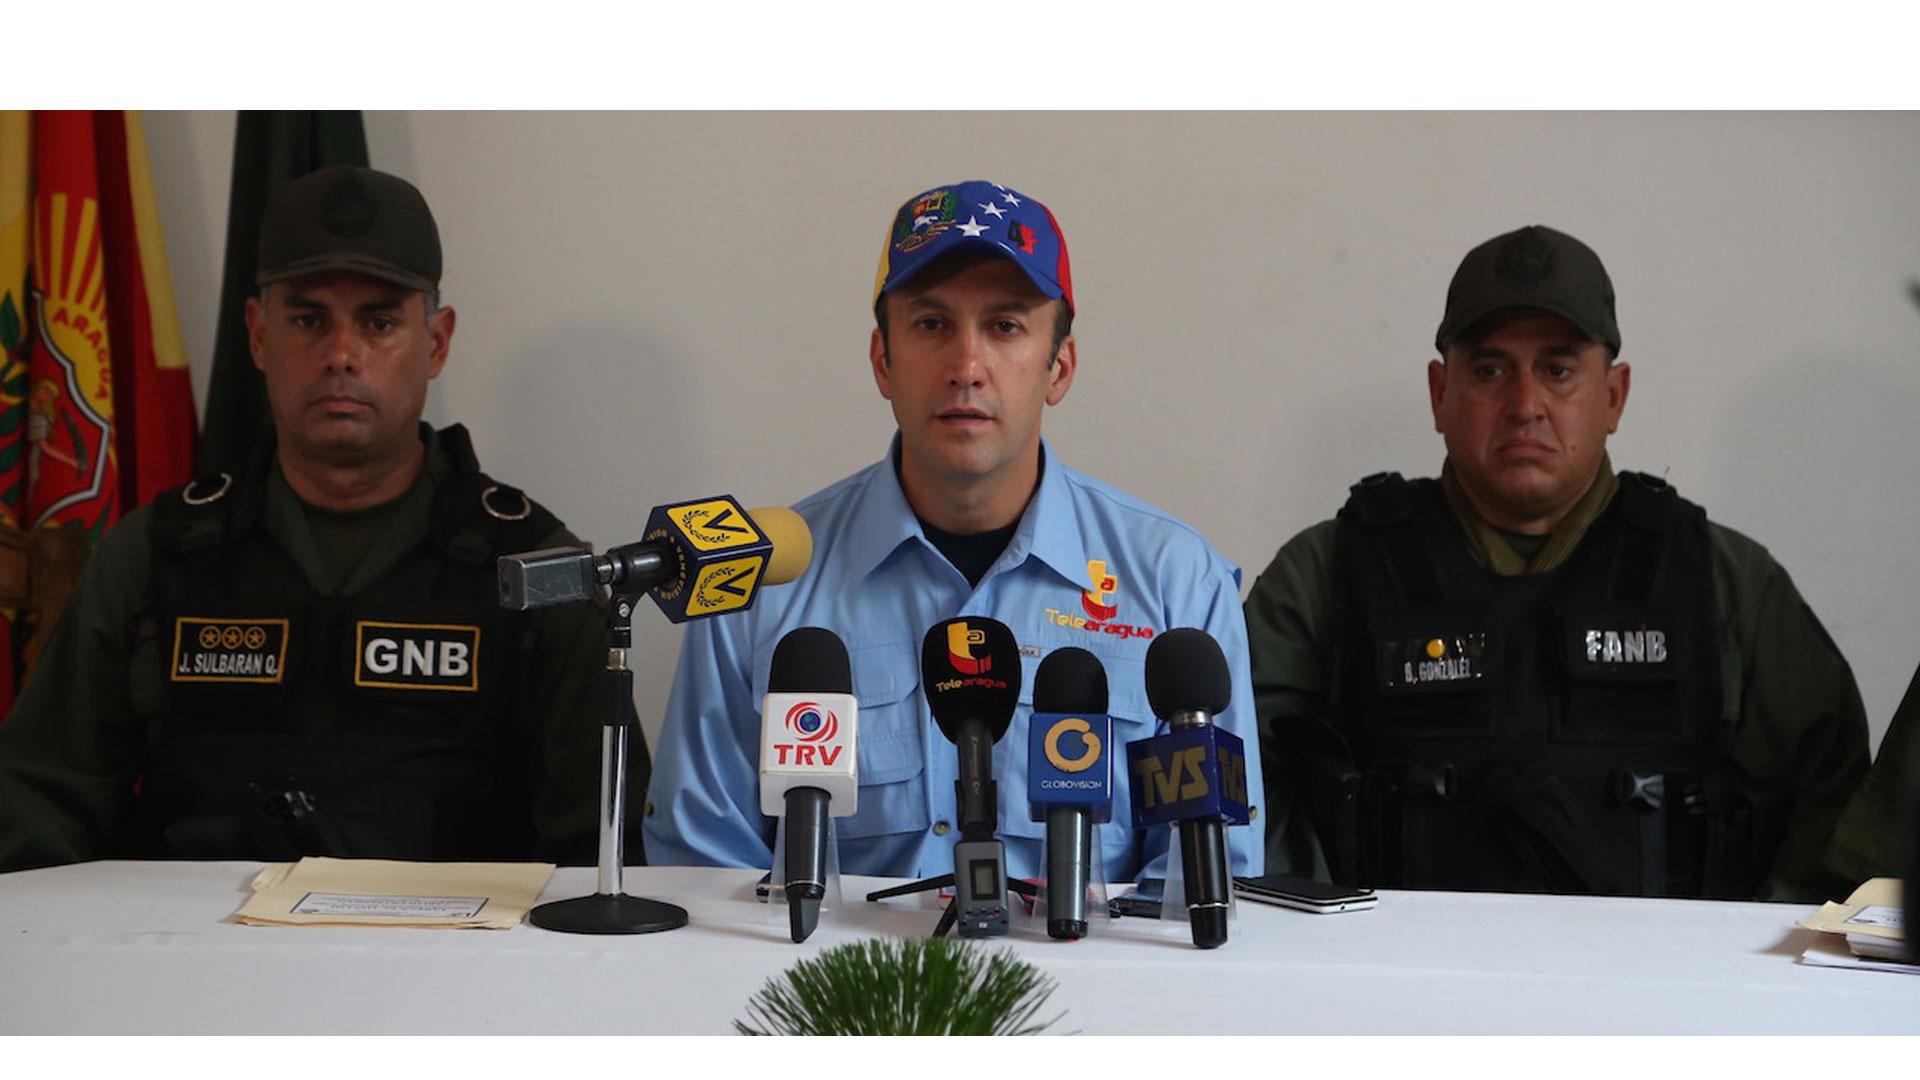 Tareck El Aissami solicitó al Ministerio de Relaciones Interiores, Justicia y Paz una inspección general del cuerpo policial